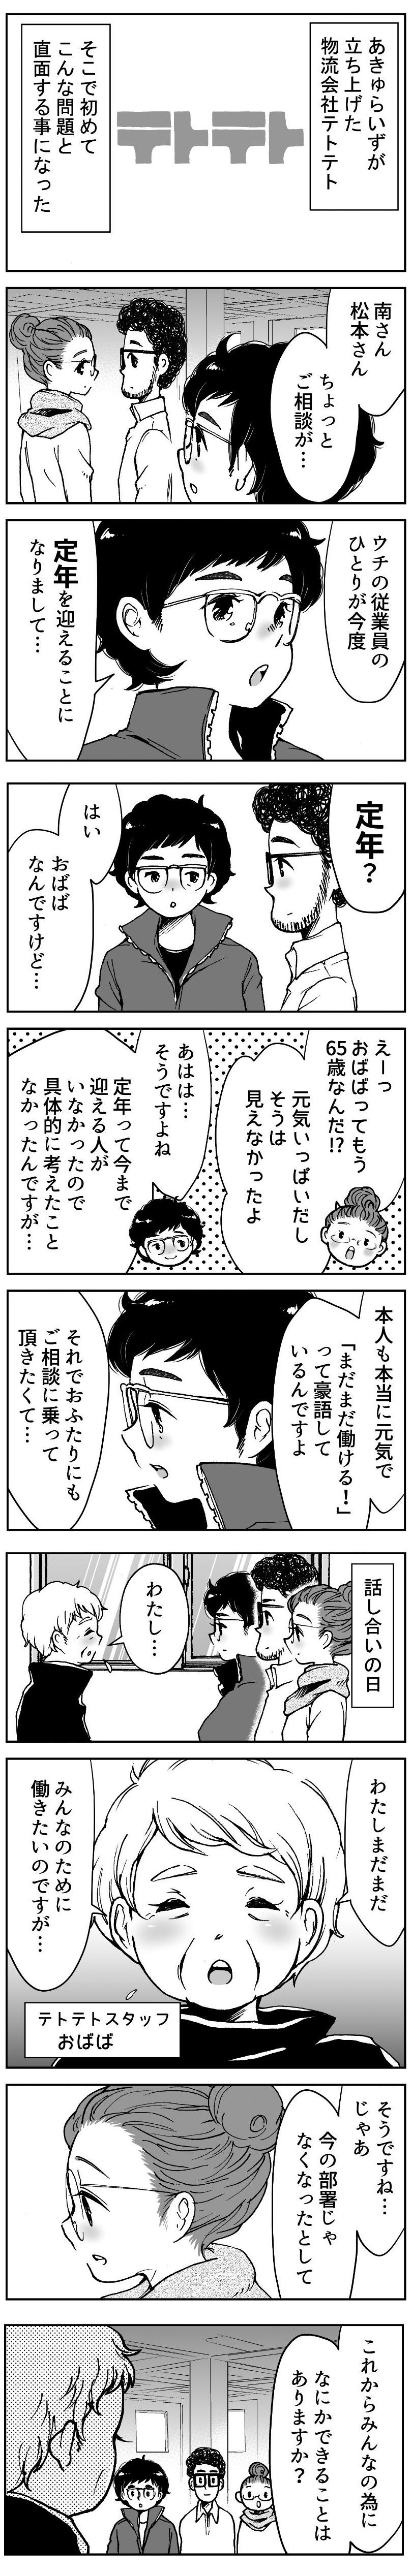 81-1.jpg